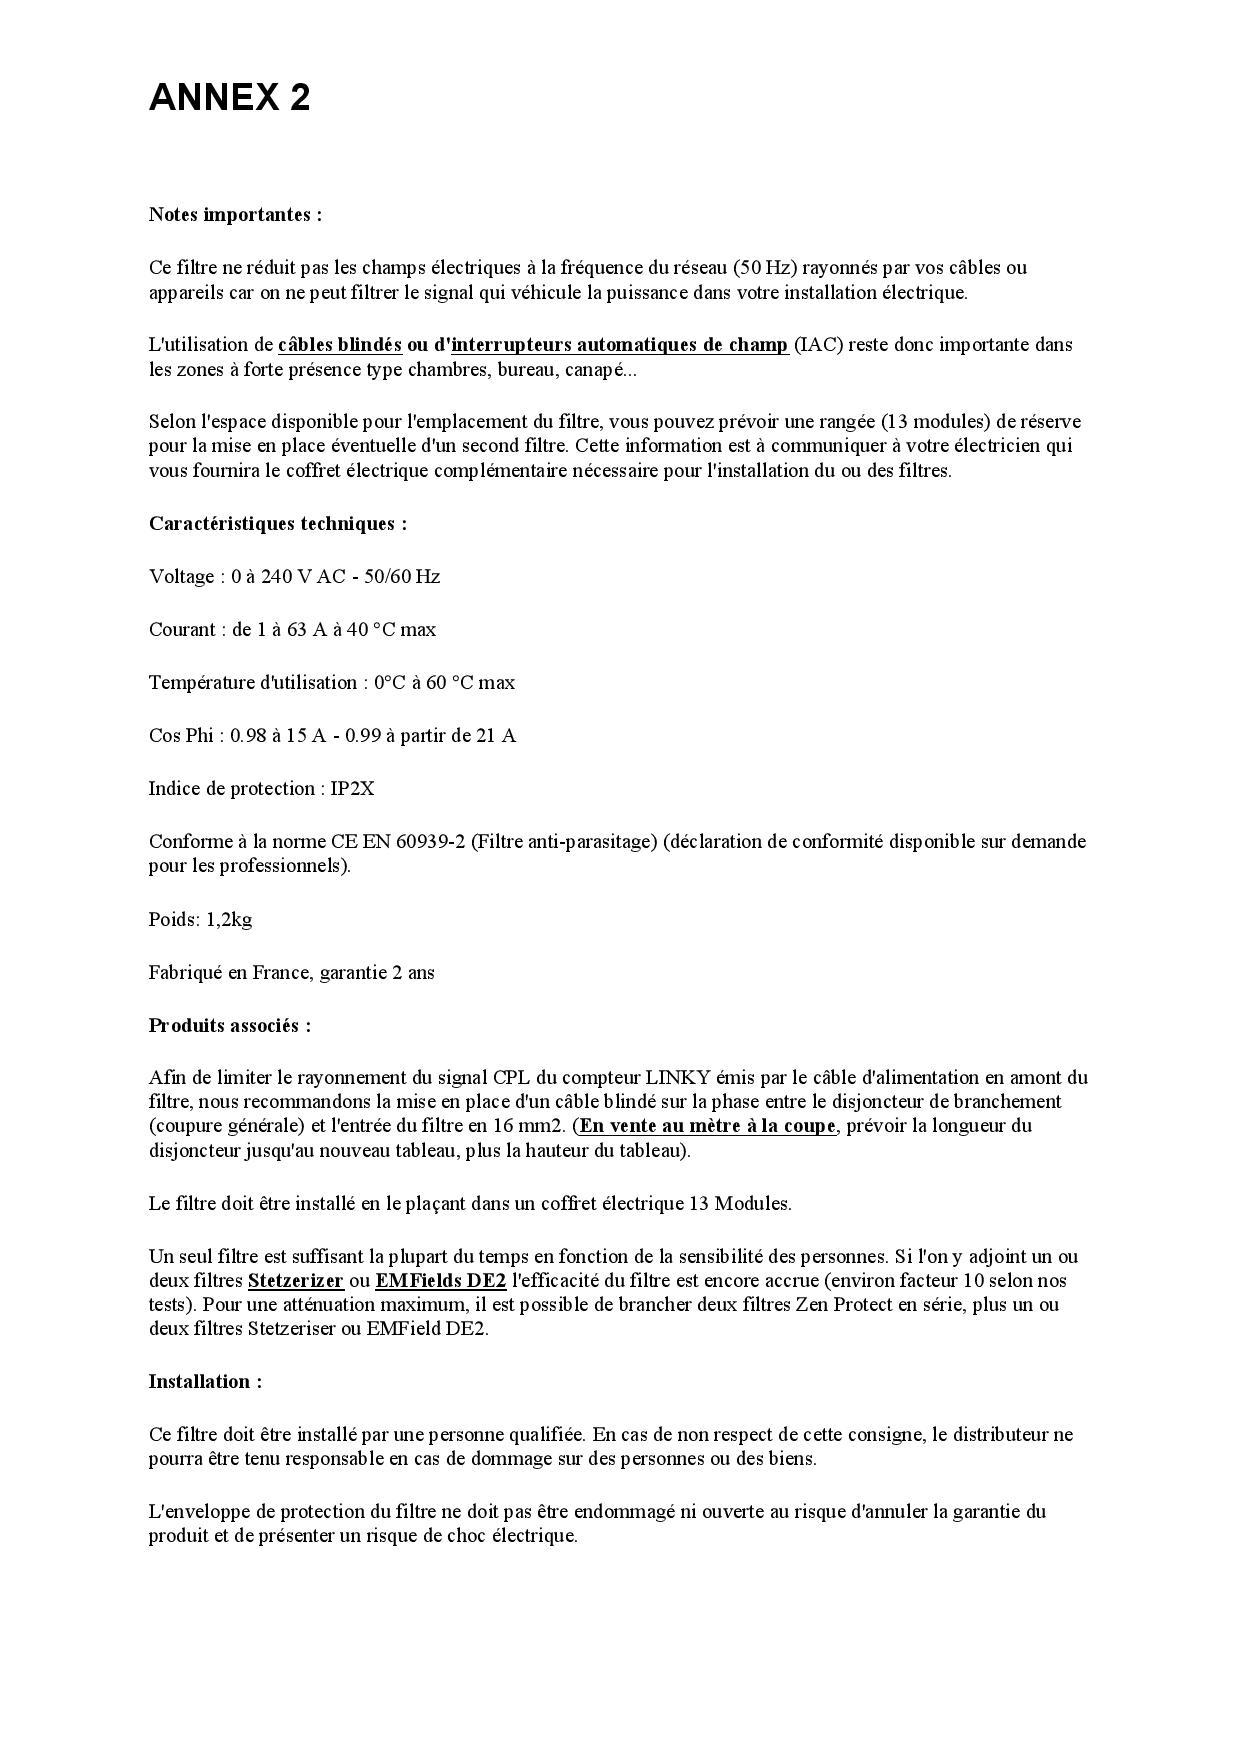 Annex 2 Zen Protect-page-003.jpg